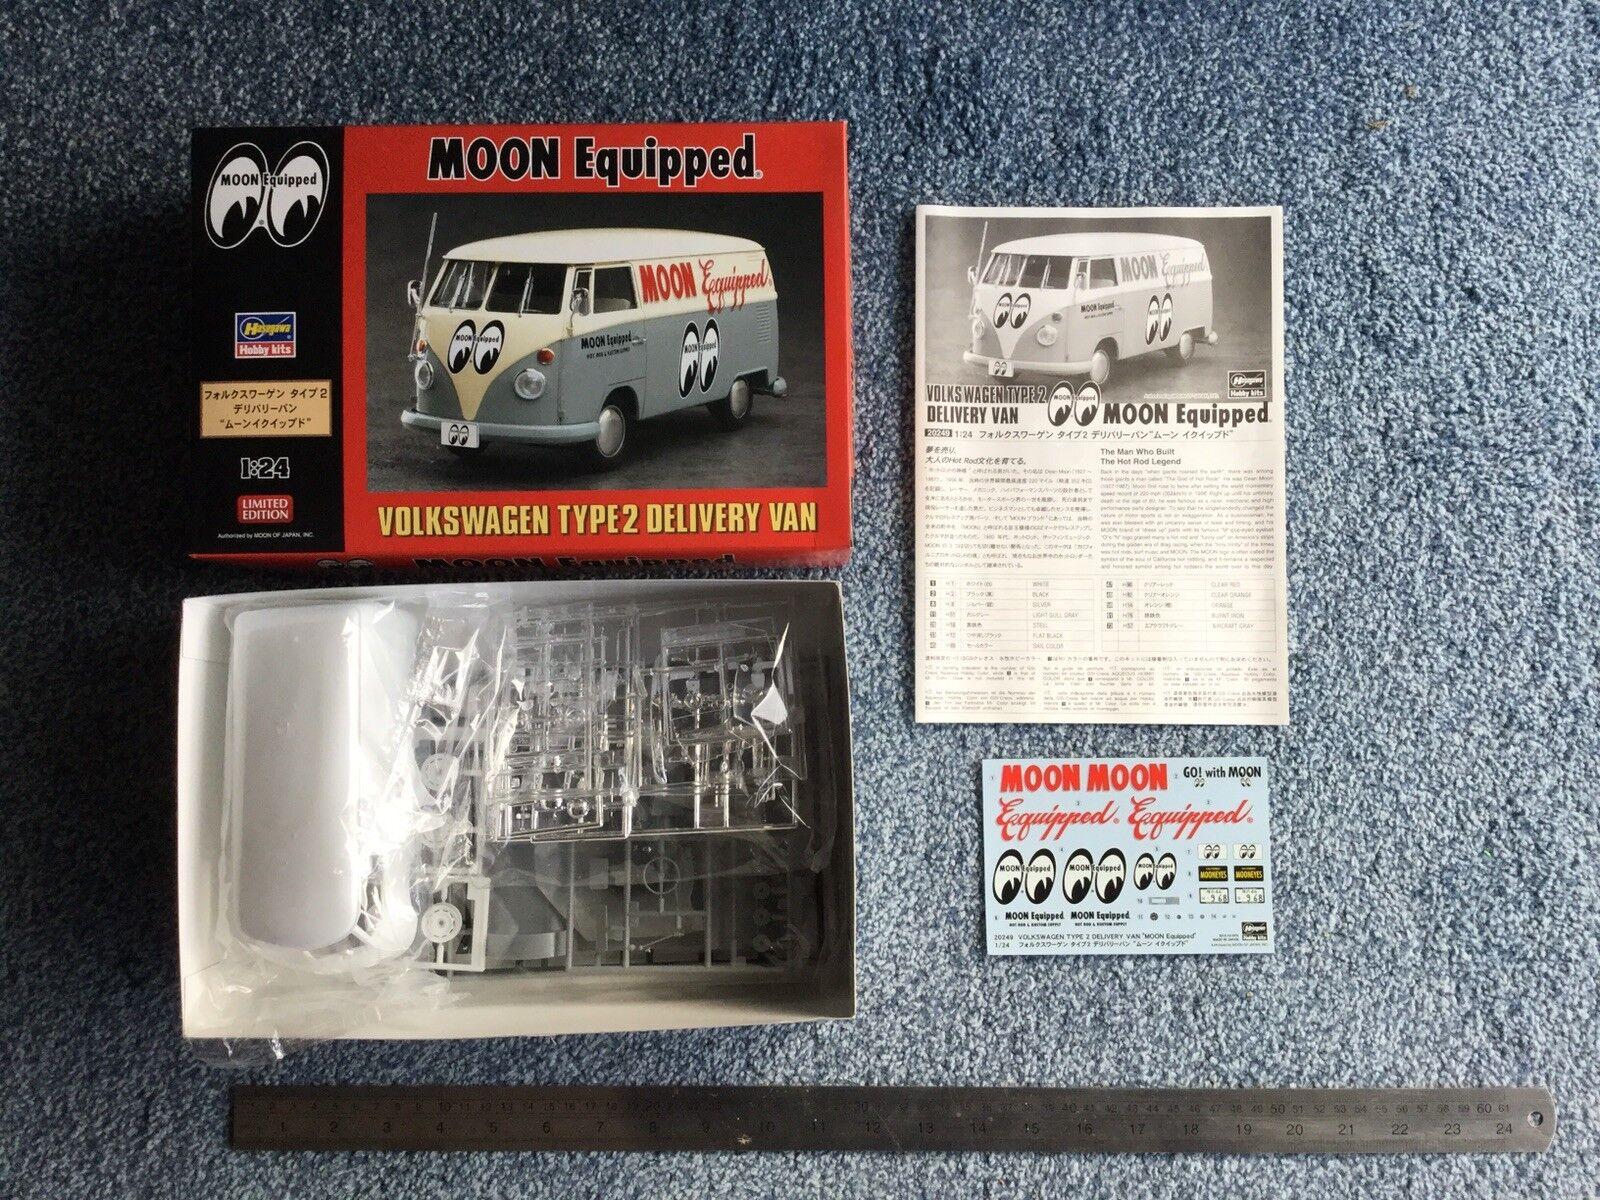 Hasegawa 1 24 Volkswagen Type 2 Delivery Van 'Moon Equiped' kit